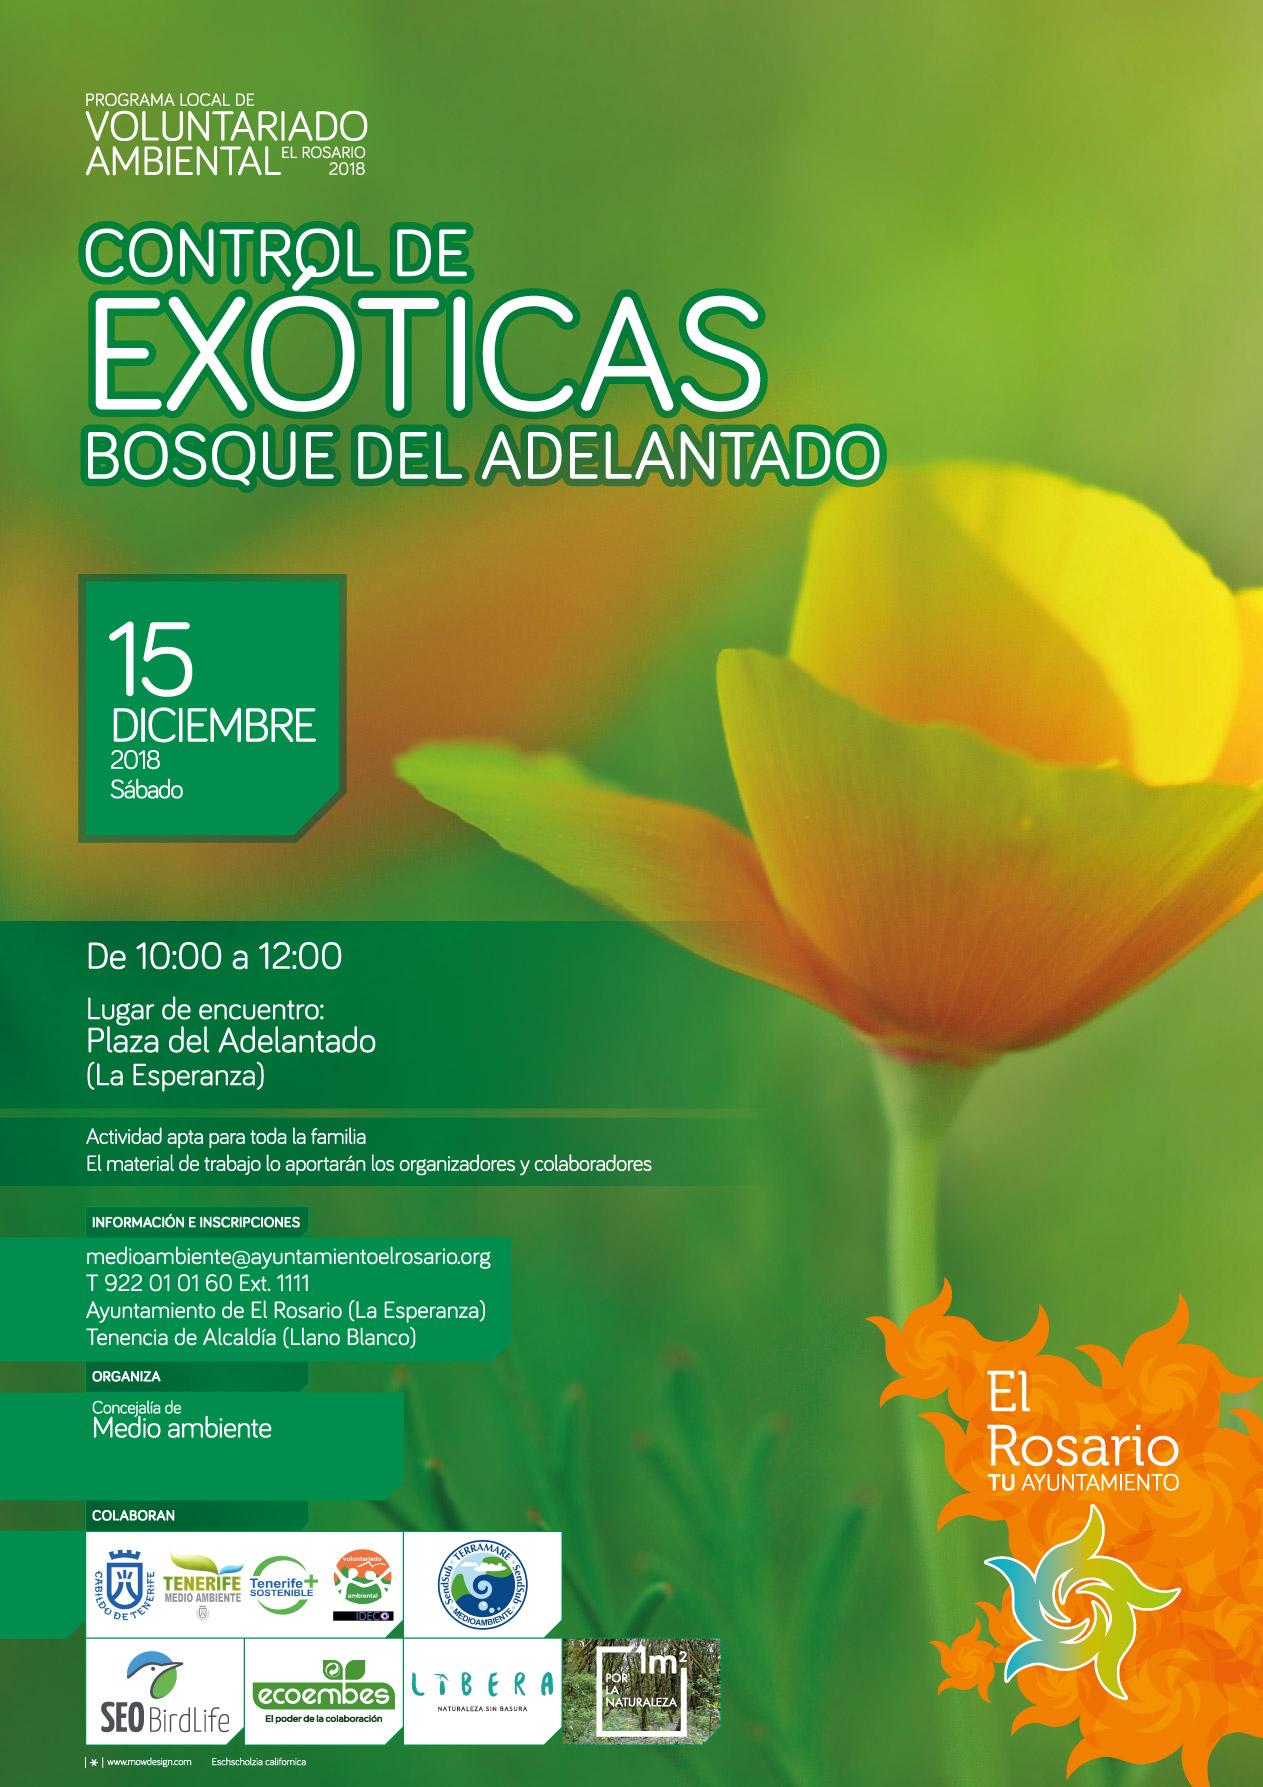 CONTROL_EXOTICAS-BOSQUE_ADELANTADO_20181215-CARTEL_a3-20181212-01af-redes